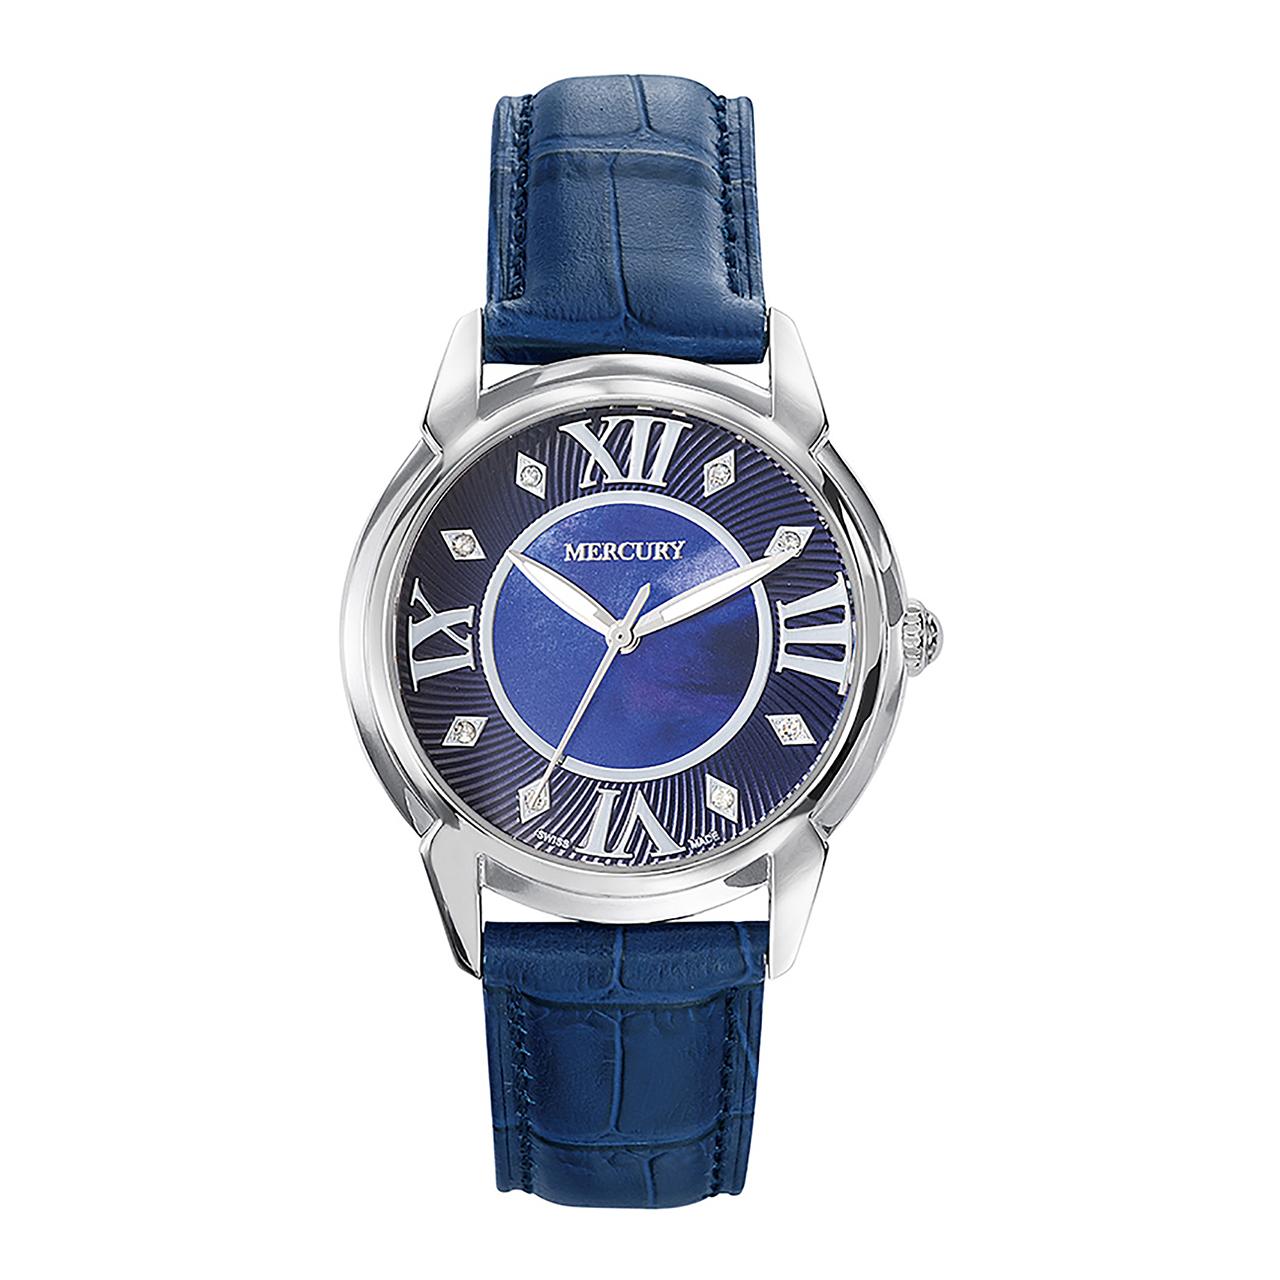 خرید ساعت مچی عقربه ای زنانه مرکوری مدل ME360-SL-D-9